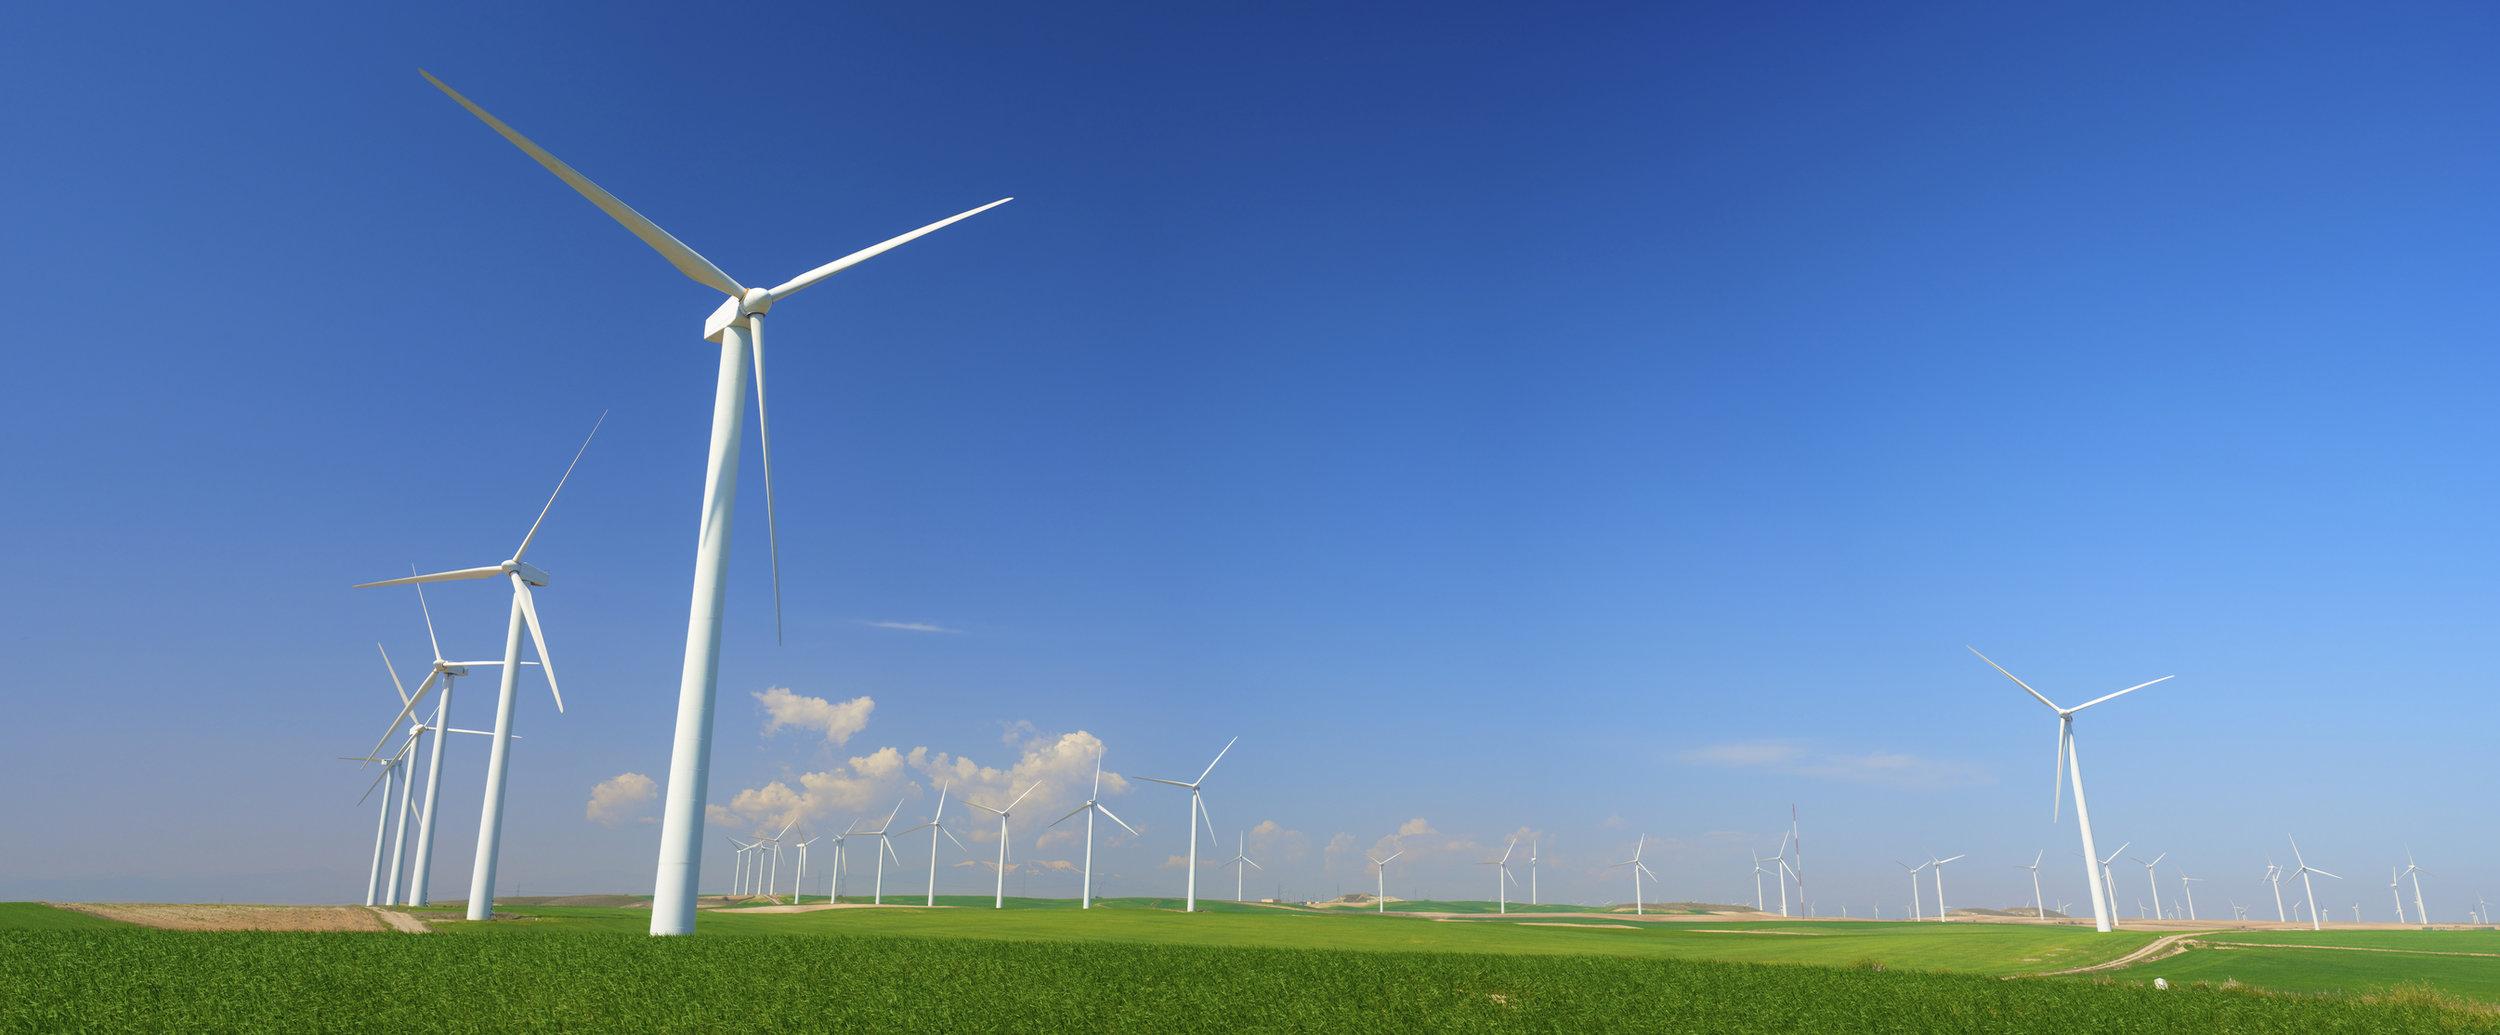 - Renewable Energy